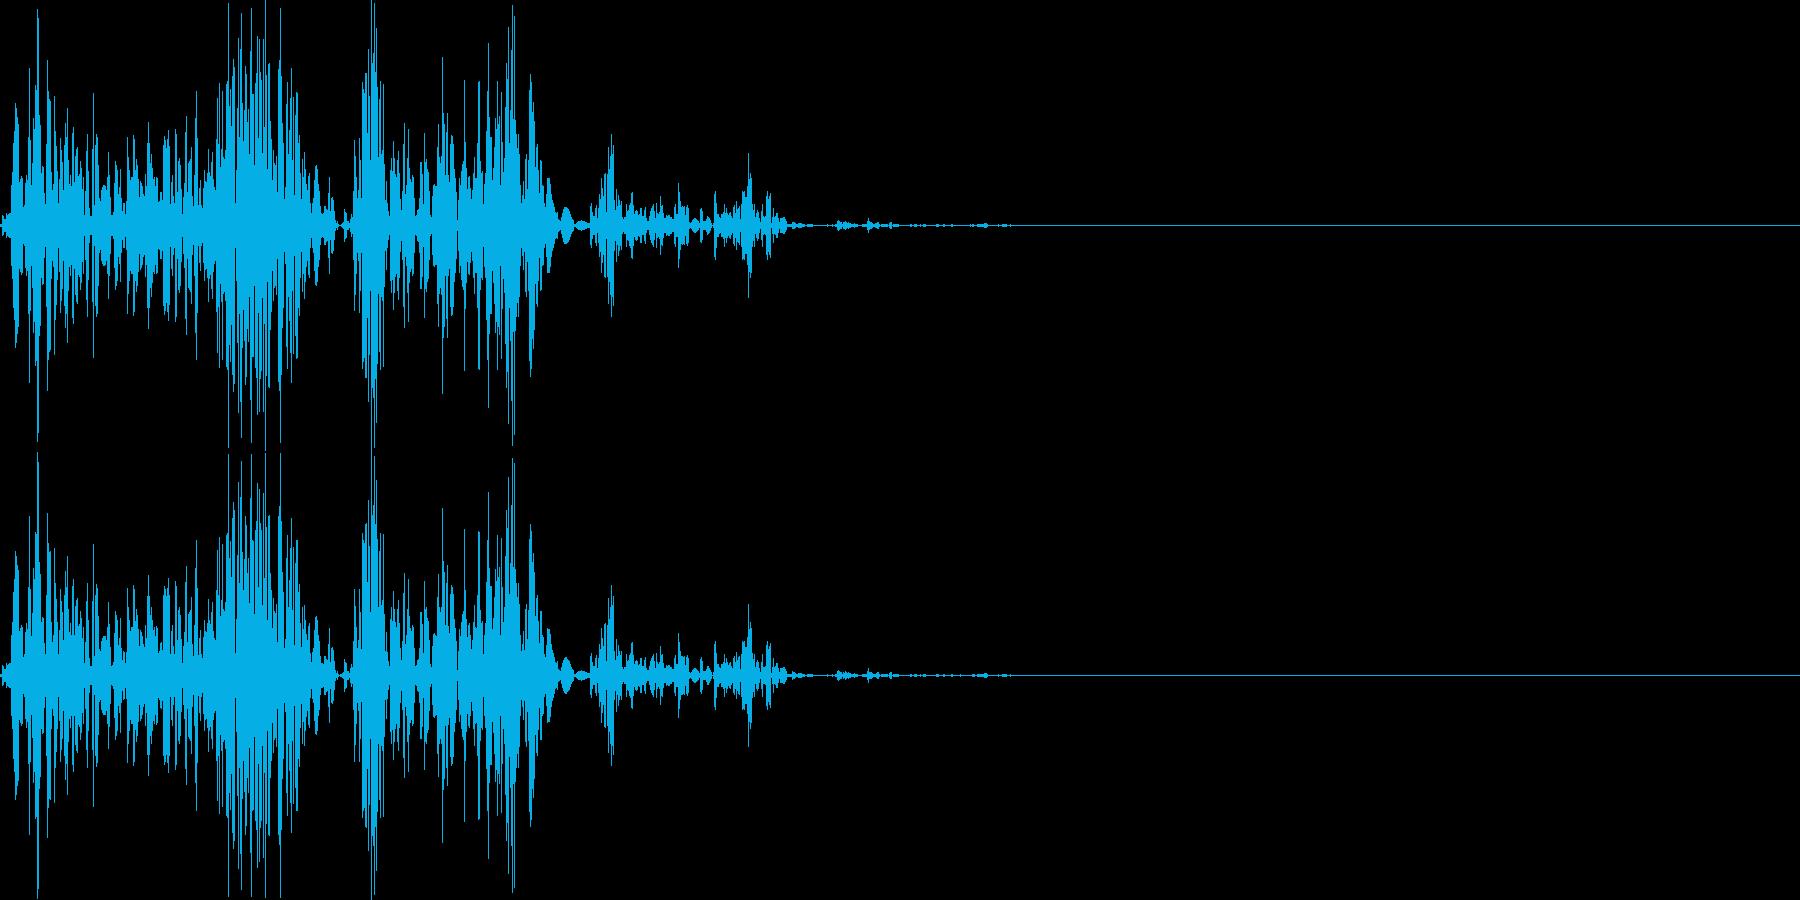 【ガスッ!】ファミコン系 破壊音_03の再生済みの波形